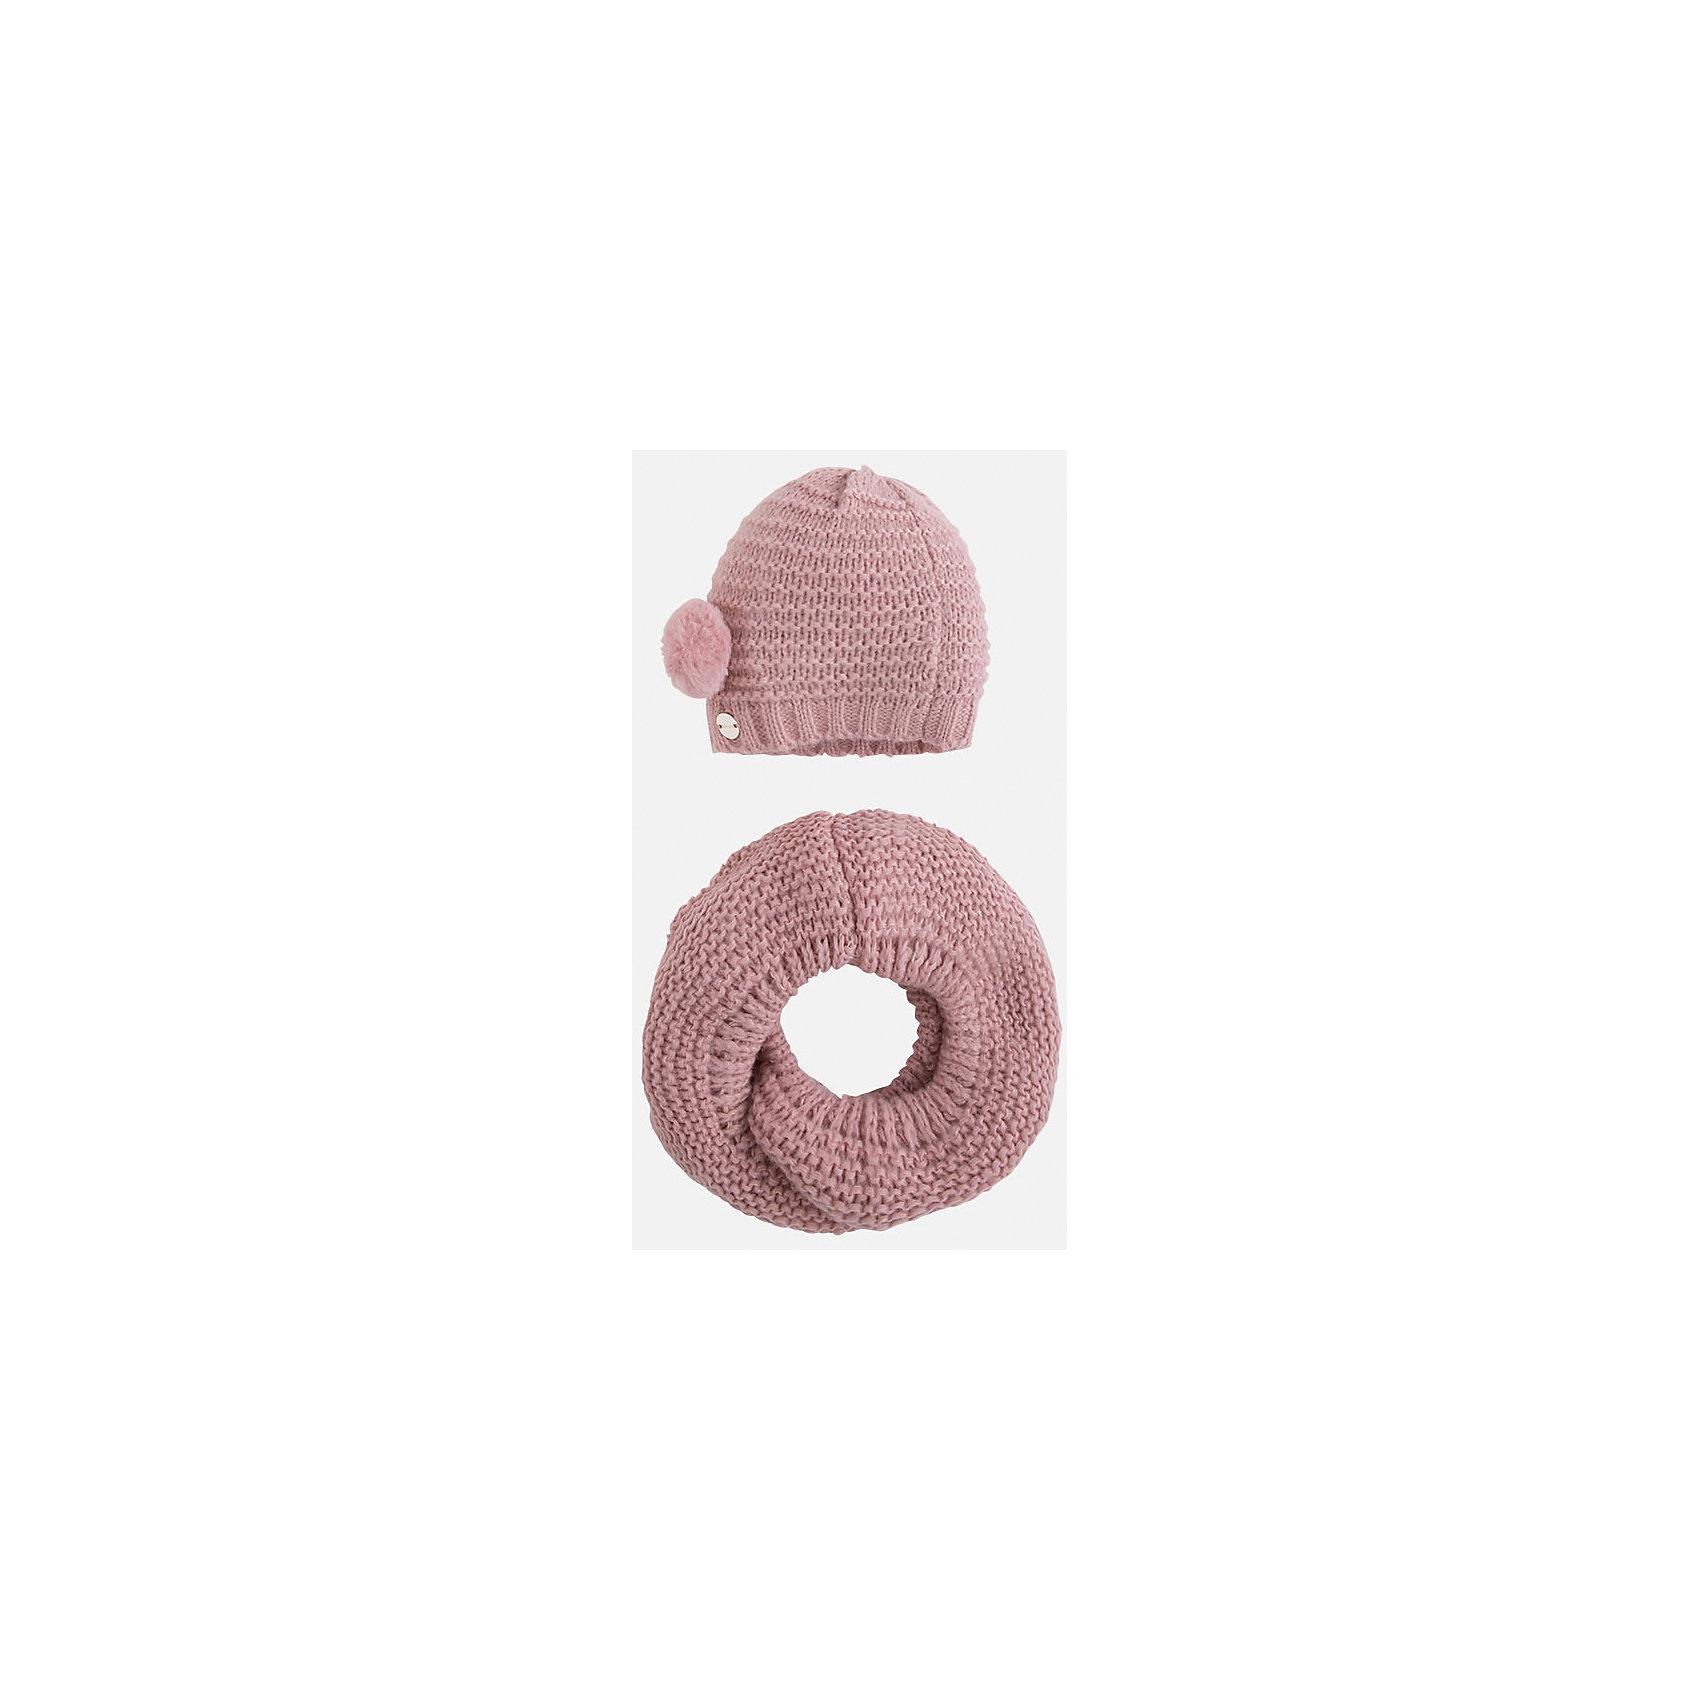 Комплект:шапка и шарф для девочки MayoralКомплект: шапка и шарф для девочки Mayoral от известного испанского бренда Mayoral. Вязаный комплект выполнен из акриловой пряжи с добавлением полиамида, что обеспечивает высокую износоустойчивость, сохранение формы и цвета даже при длительном использовании. Комплект состоит из шапки и шарфа, связанных крупной вязкой. Шапка имеет классическую форму, сбоку имеется небольшой помпон, выполненный из меха. <br><br>Дополнительная информация:<br><br>- Предназначение: повседневная одежда<br>- Комплектация: шапка, шарф<br>- Цвет: розовый<br>- Пол: для девочки<br>- Состав: 87% акрил, 13% полиамид<br>- Сезон: осень-зима-весна<br>- Особенности ухода: стирка при температуре 30 градусов, разрешается химическая чистка, глажение <br><br>Подробнее:<br><br>• Для детей в возрасте: от 2 лет и до 9 лет<br>• Страна производитель: Китай<br>• Торговый бренд: Mayoral<br><br>Комплект: шапка и шарф для девочки Mayoral (Майорал) можно купить в нашем интернет-магазине.<br><br>Ширина мм: 89<br>Глубина мм: 117<br>Высота мм: 44<br>Вес г: 155<br>Цвет: розовый<br>Возраст от месяцев: 48<br>Возраст до месяцев: 72<br>Пол: Женский<br>Возраст: Детский<br>Размер: 52-54,54-56,48-50<br>SKU: 4847798